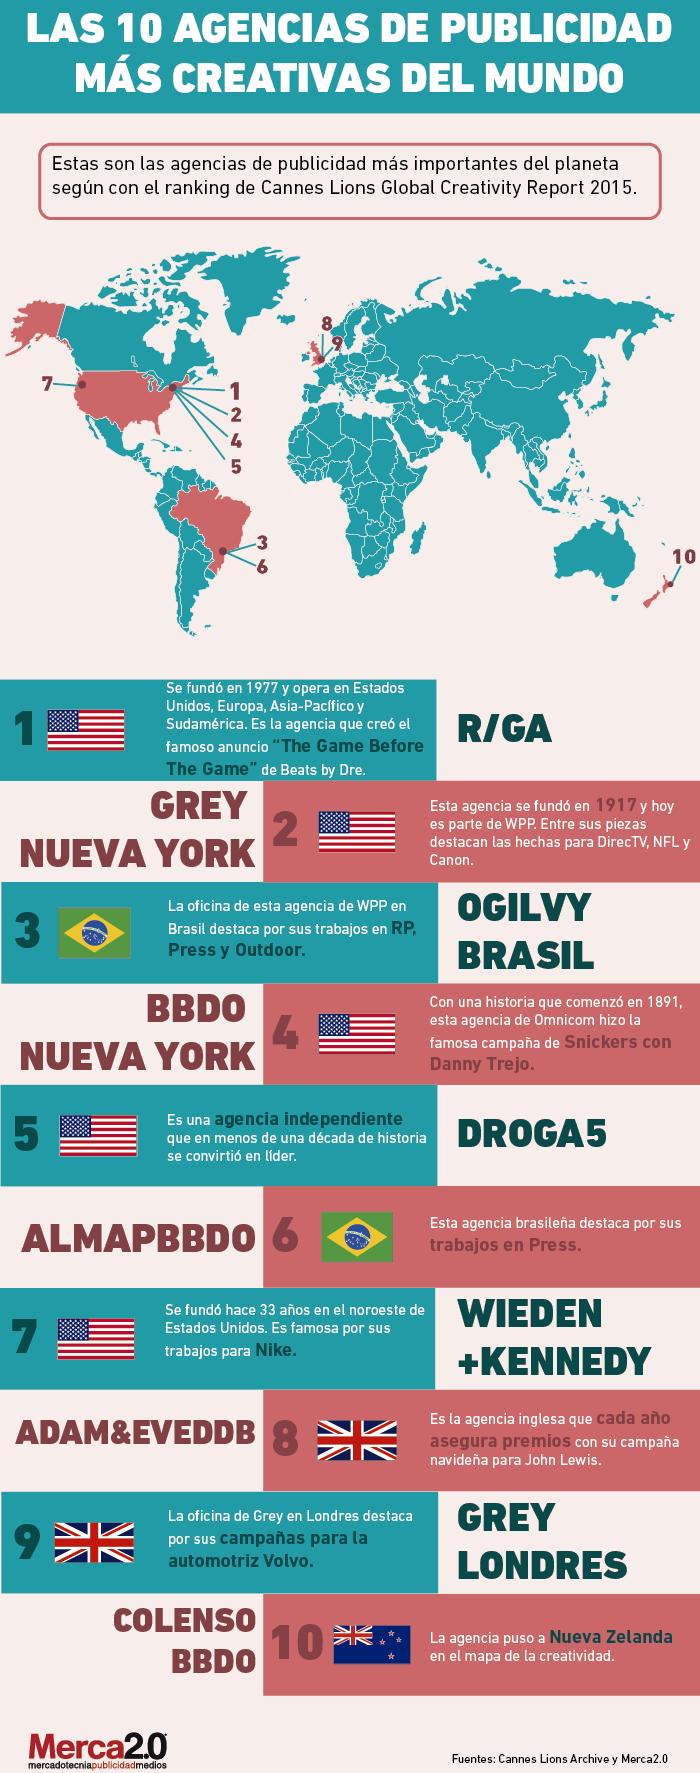 Las 10 agencias de publicidad m s creativas del mundo for Agencia de publicidad